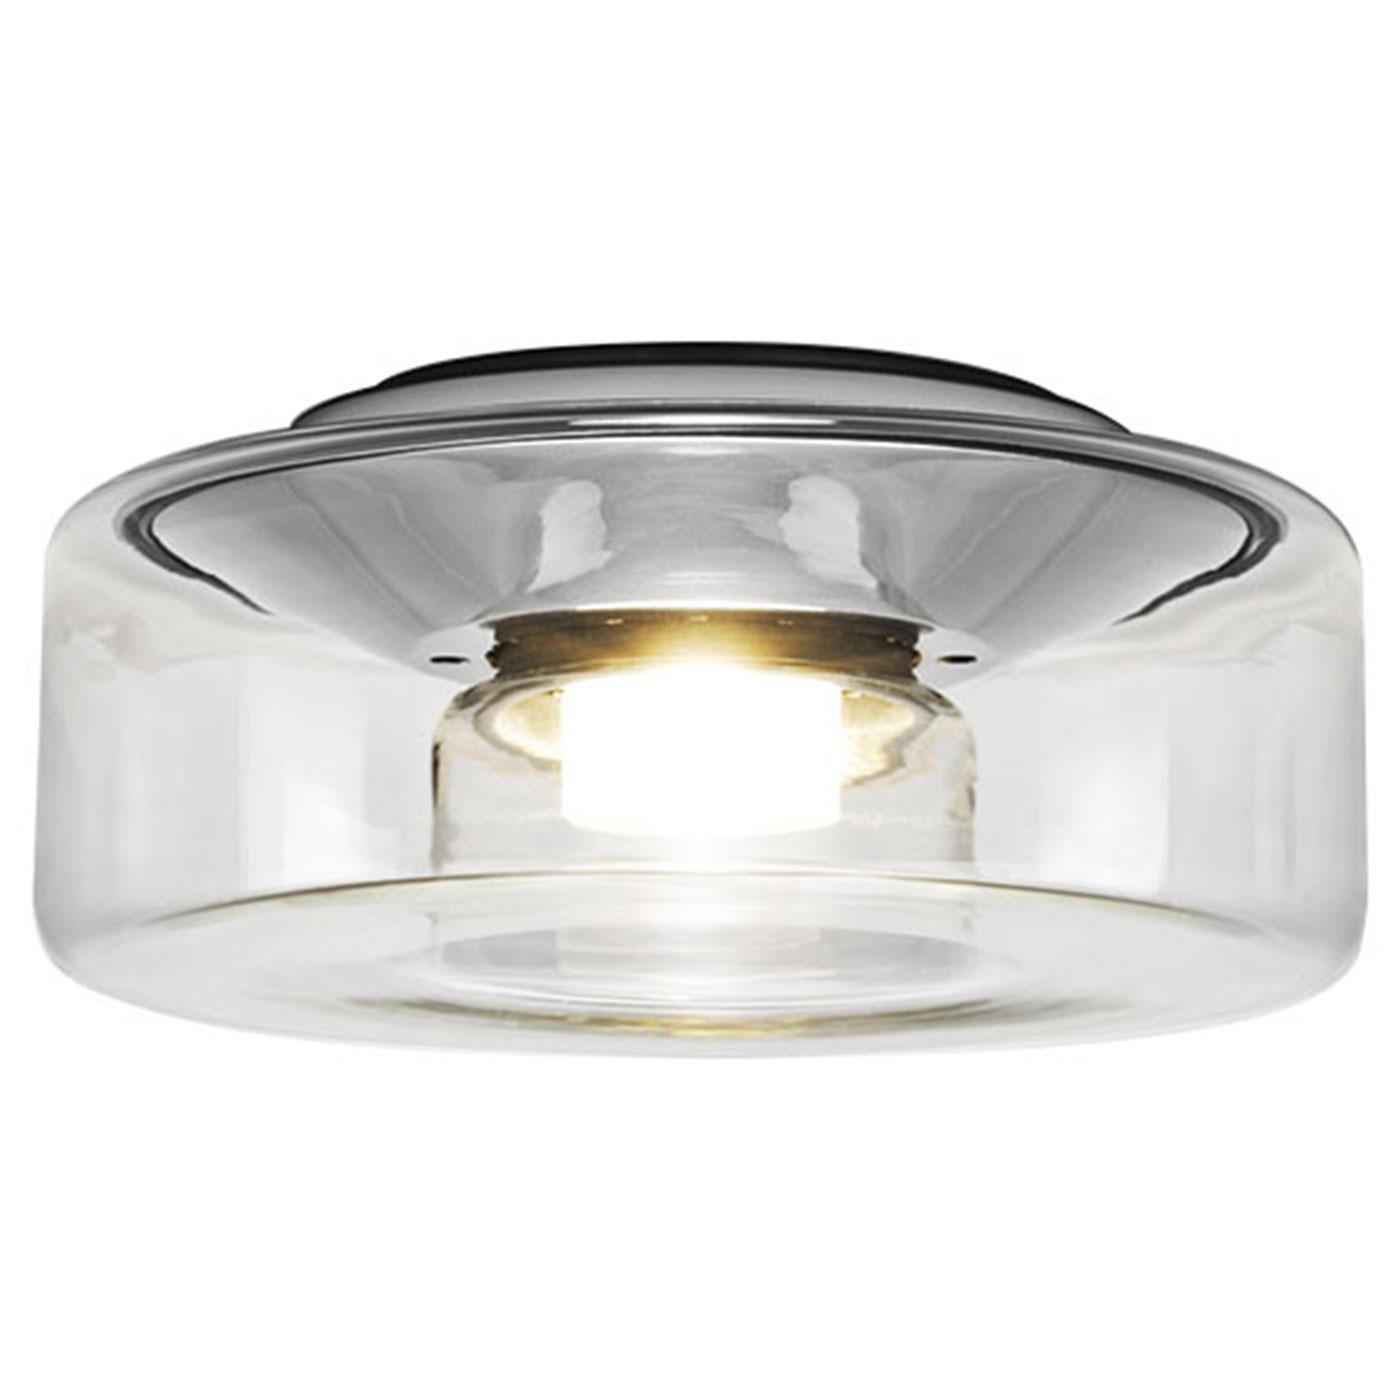 Serien Lighting Curling Ceiling L LED, 2700K